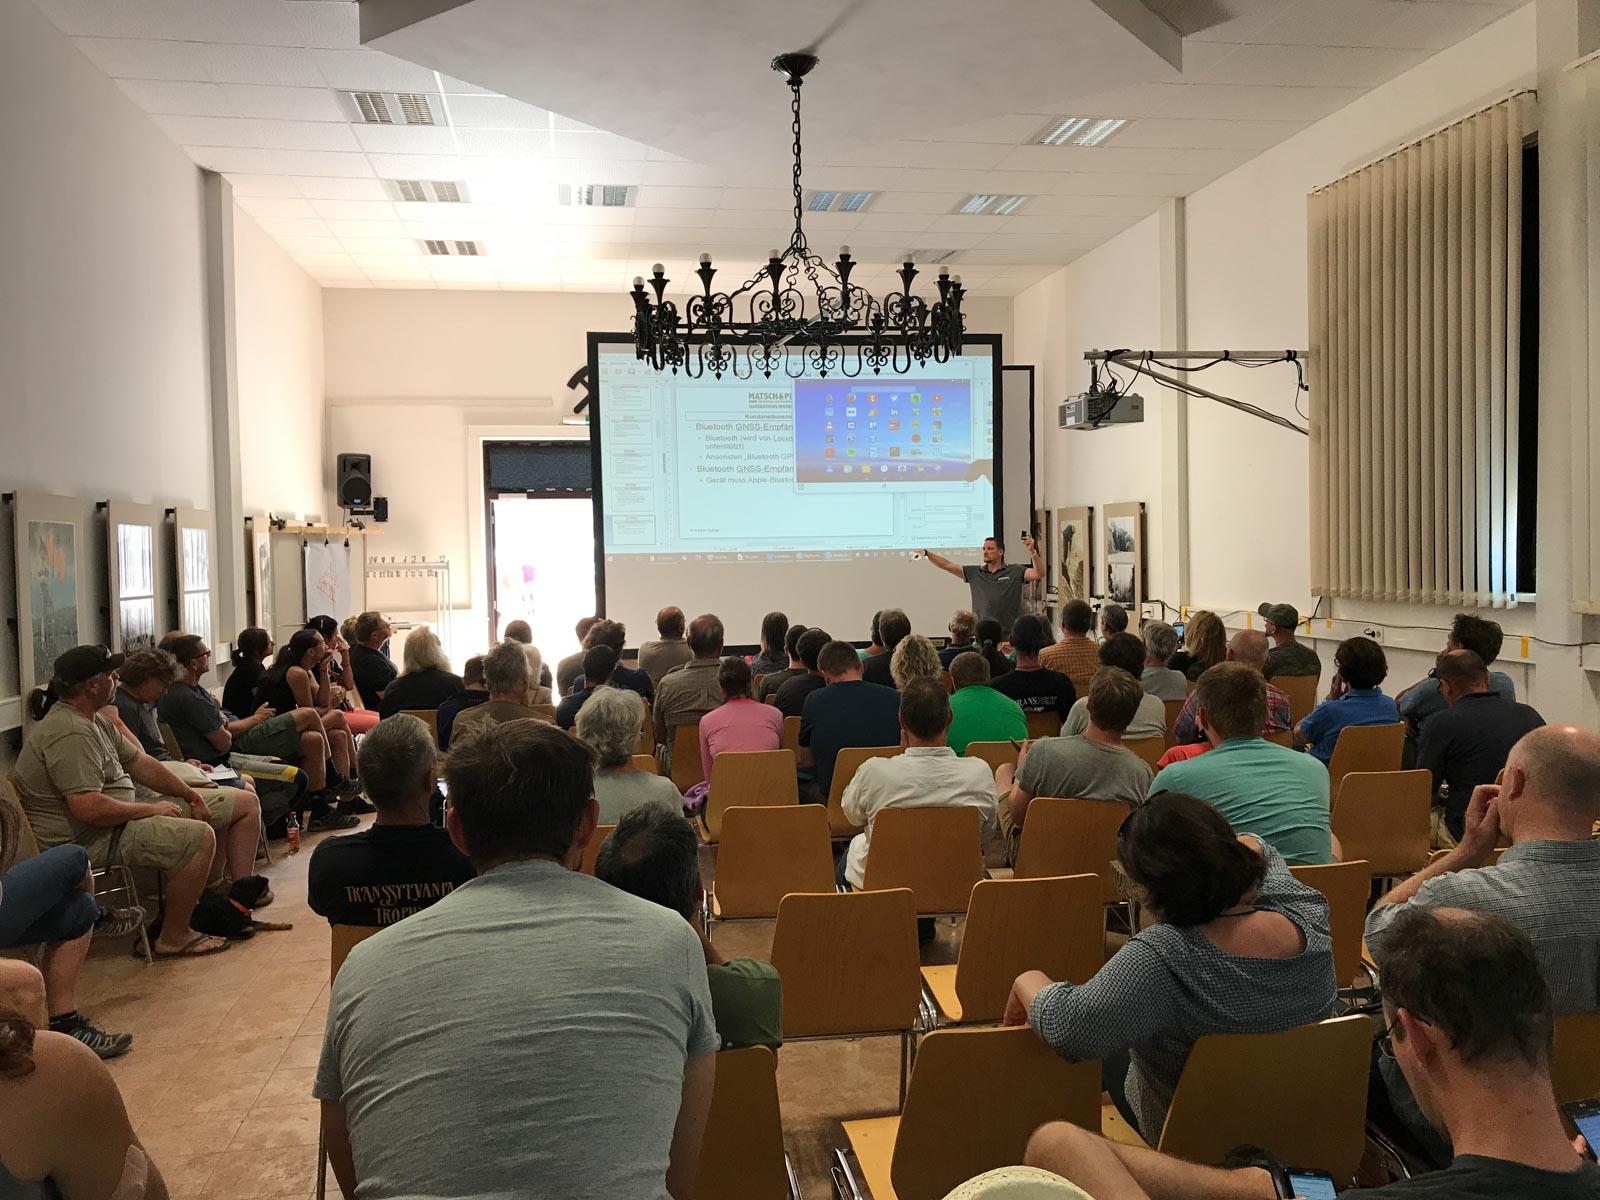 Unser Workshop zum Thema Offroad-Navigation mit Tablets